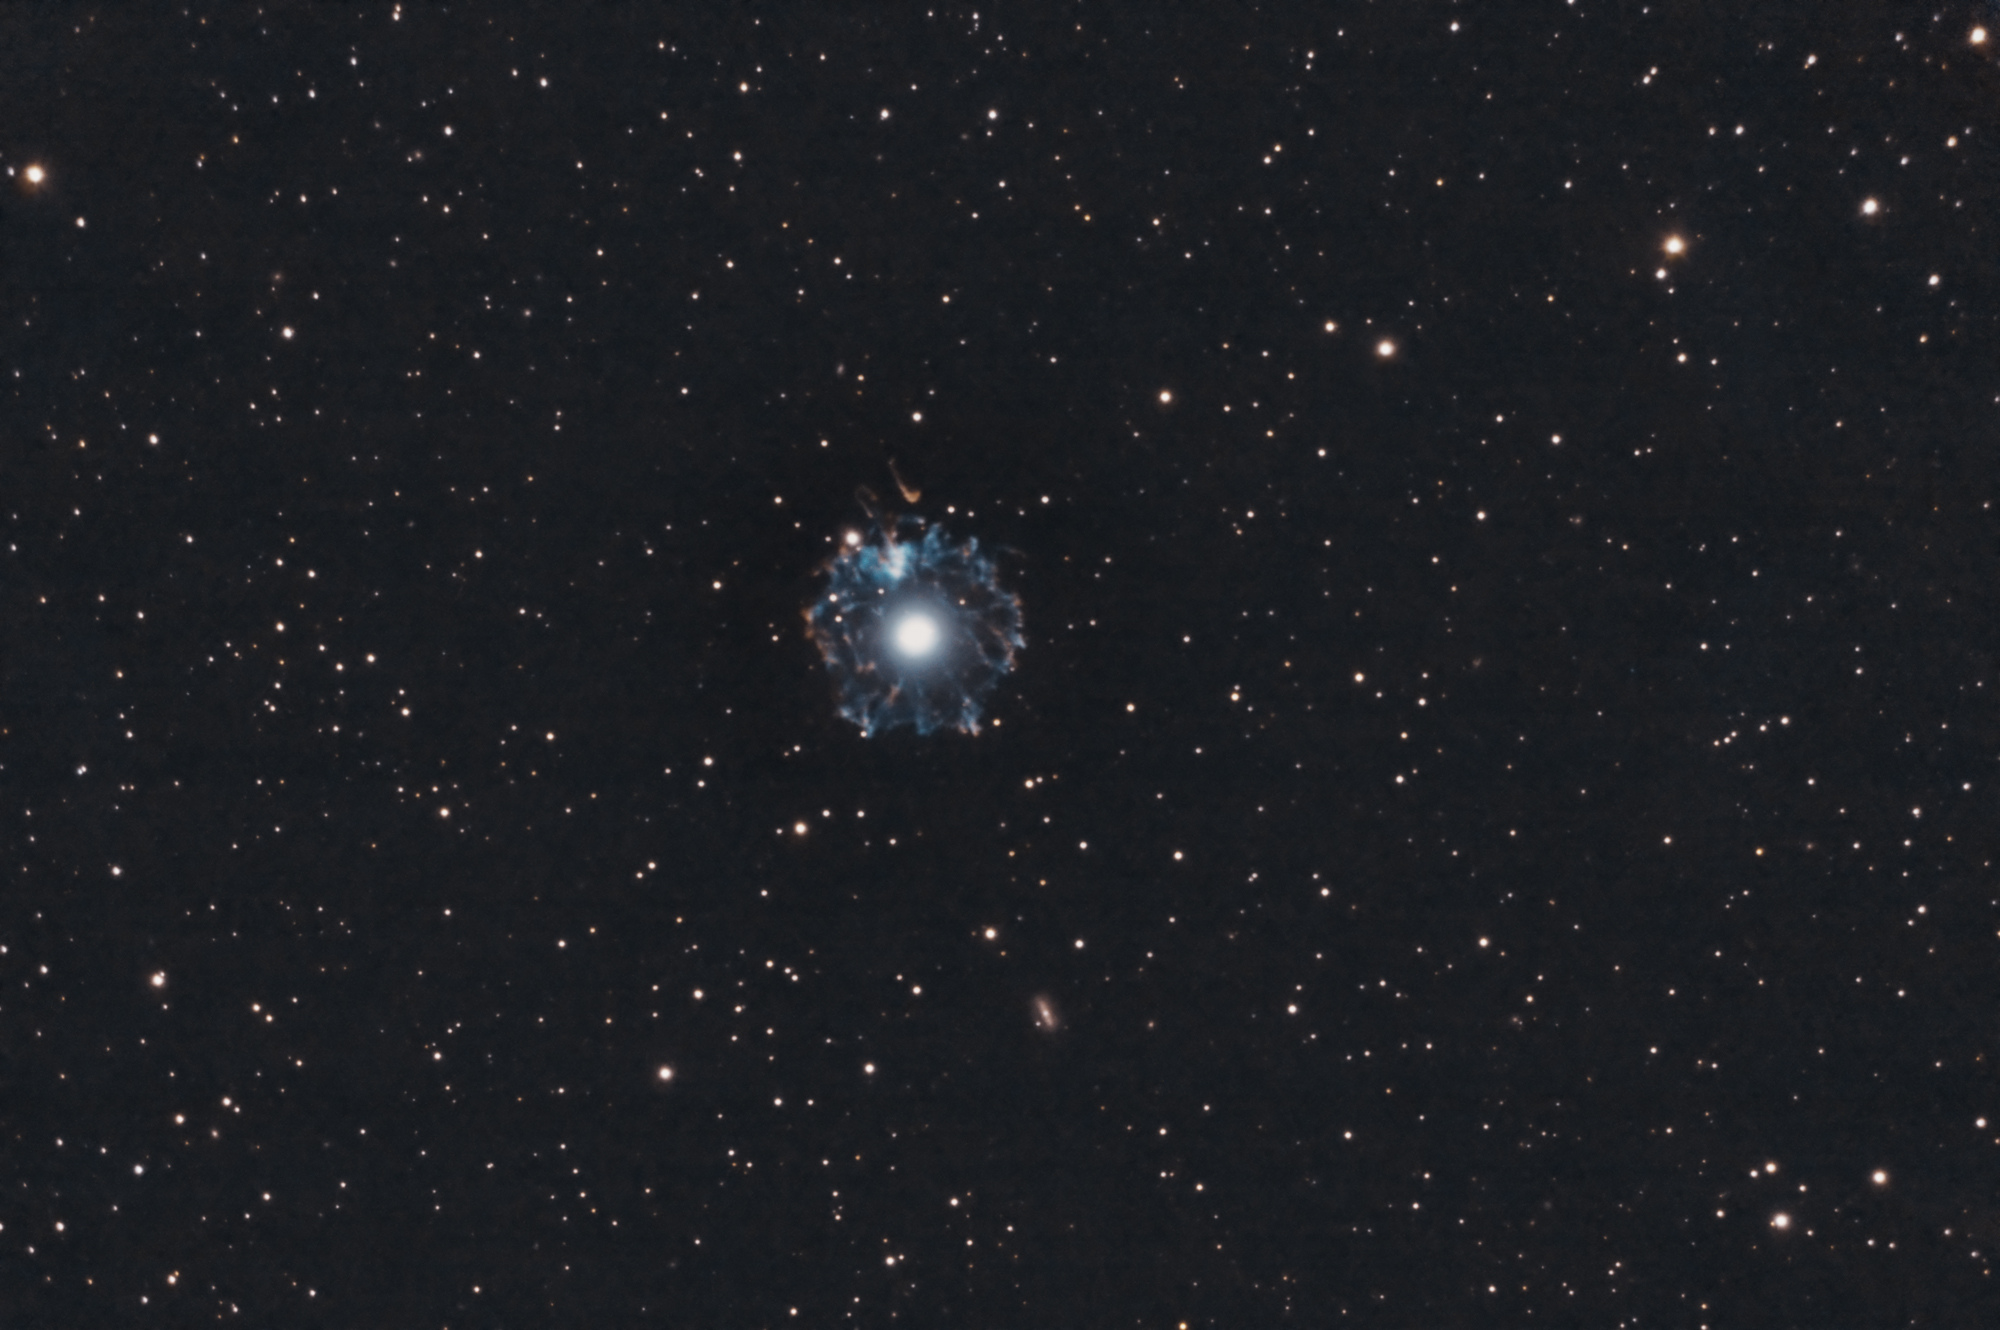 NGC6543_SHO_bicolor_ac_web.jpg.35c0a53cbe0c08f1ad5c840c8172d0ea.jpg